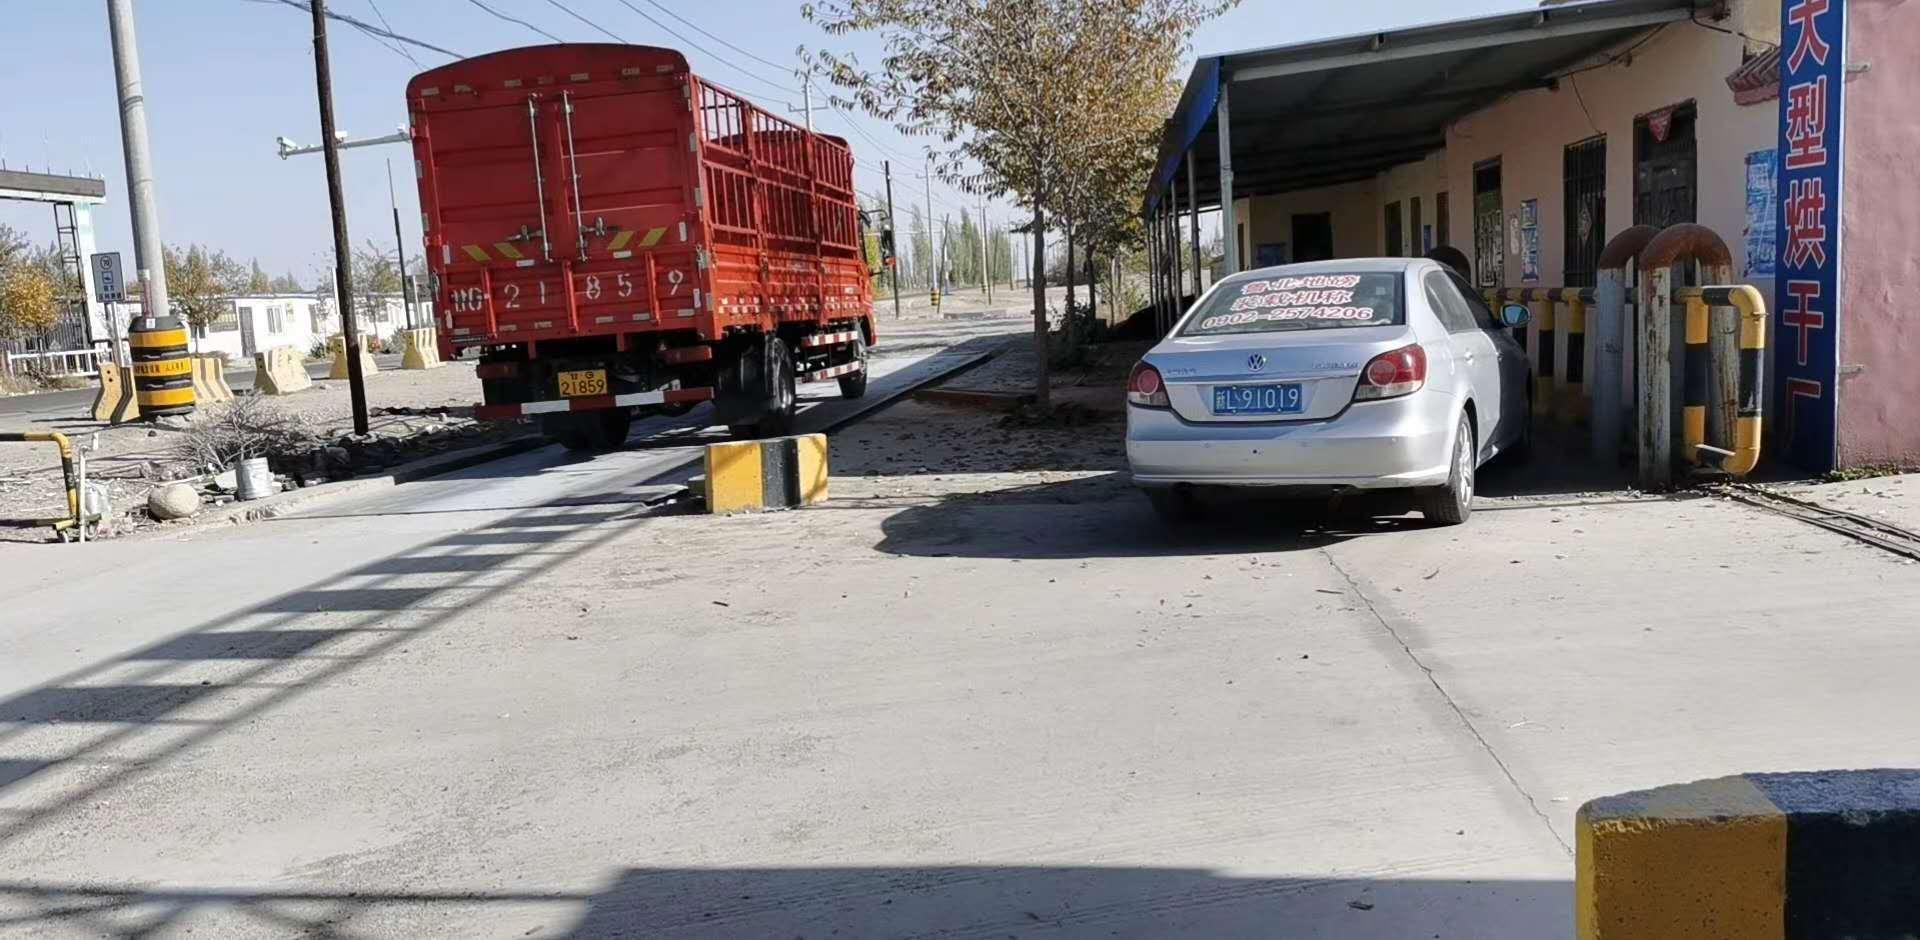 新疆坤宁衡器设备有限公司于博州|阿拉山口给老客户两台150电子汽车衡